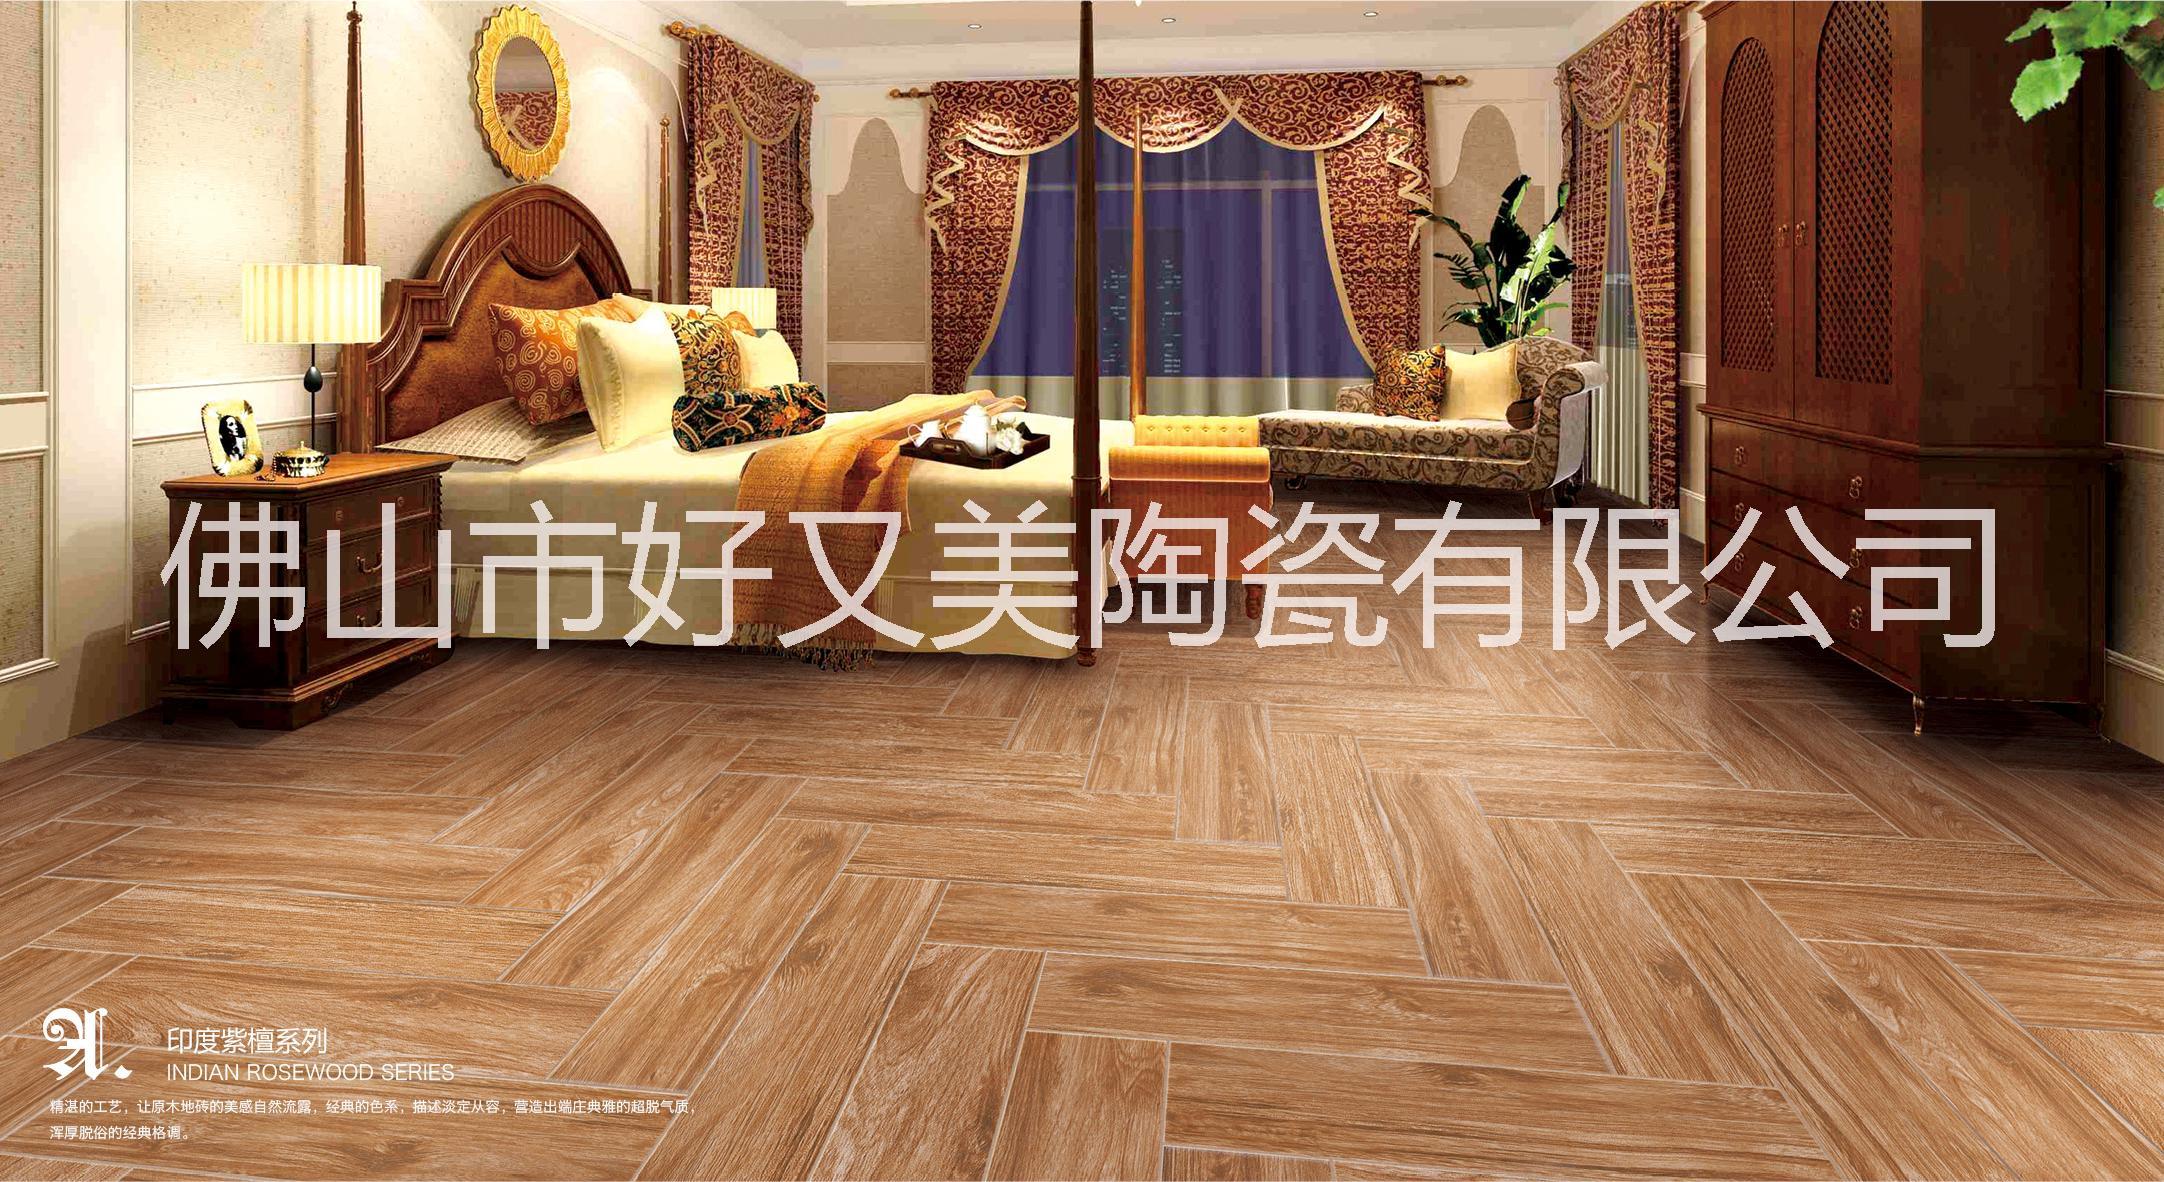 原生态陶木地板木纹砖印度紫檀系列价格